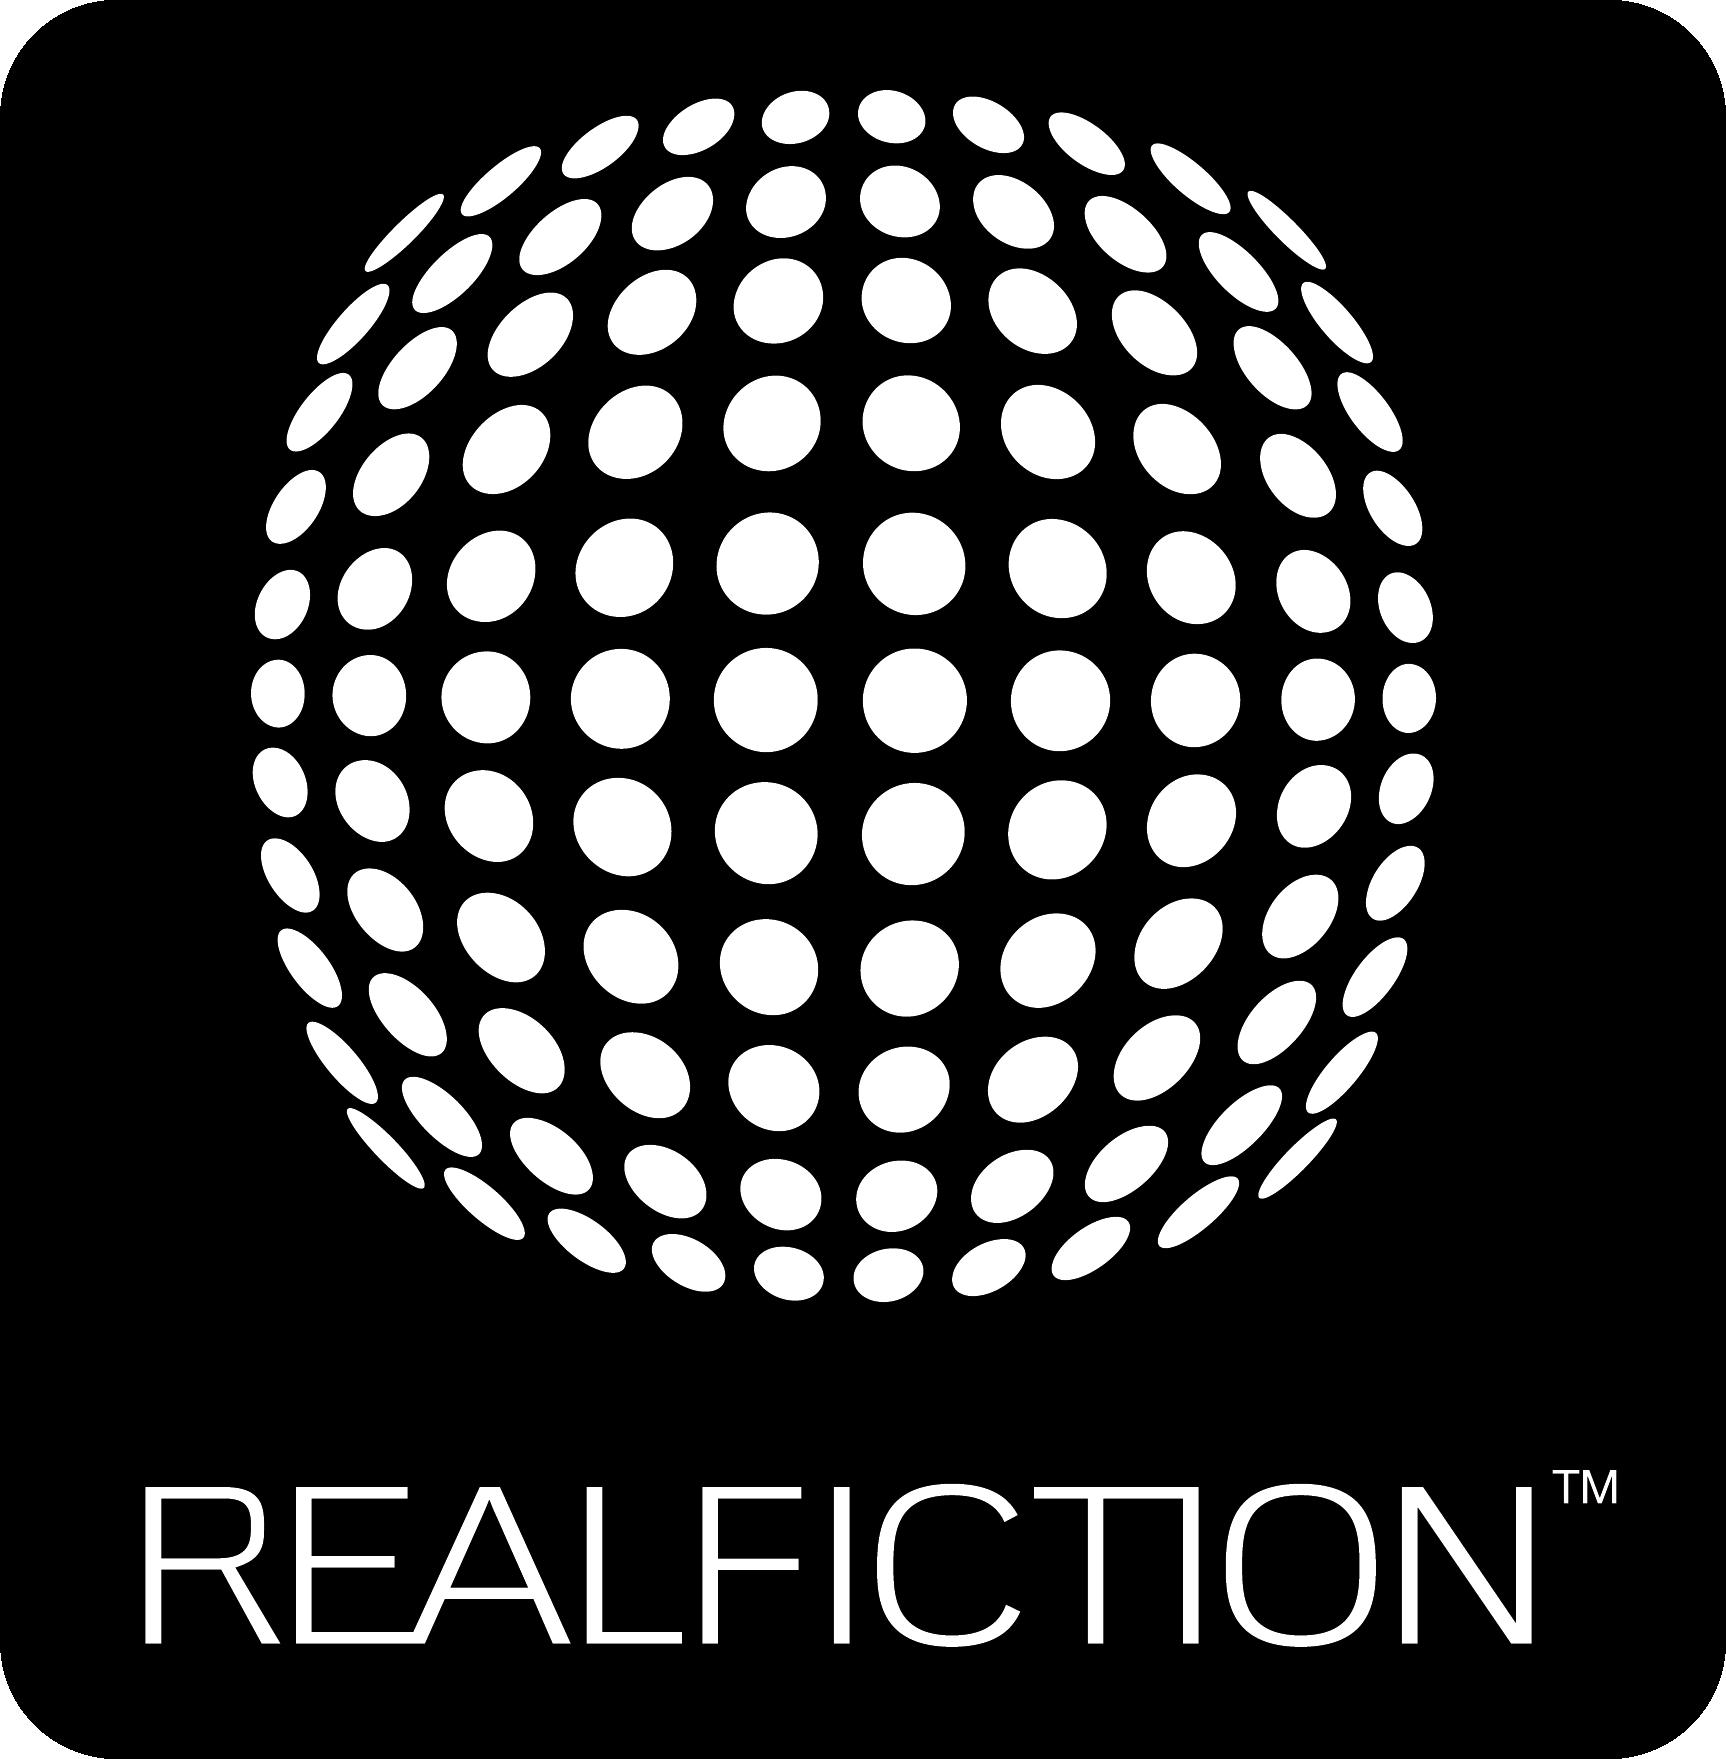 realfiction.png